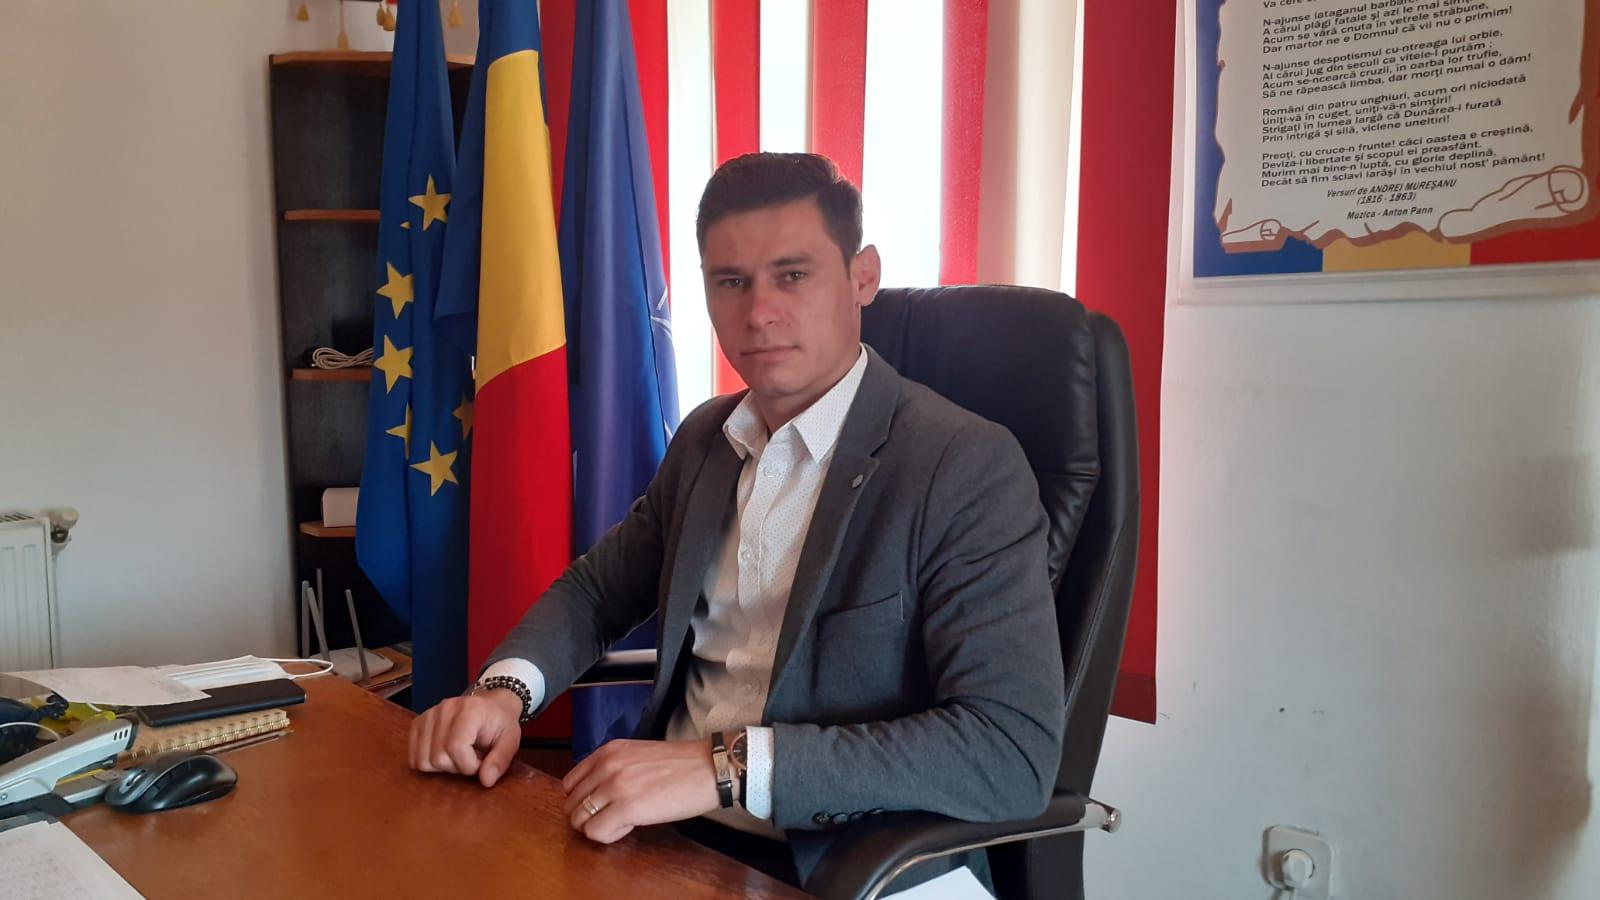 """Daniel Tudor: """"Salutăm reforma pe care Guvernul liberal şi-a propus-o"""""""